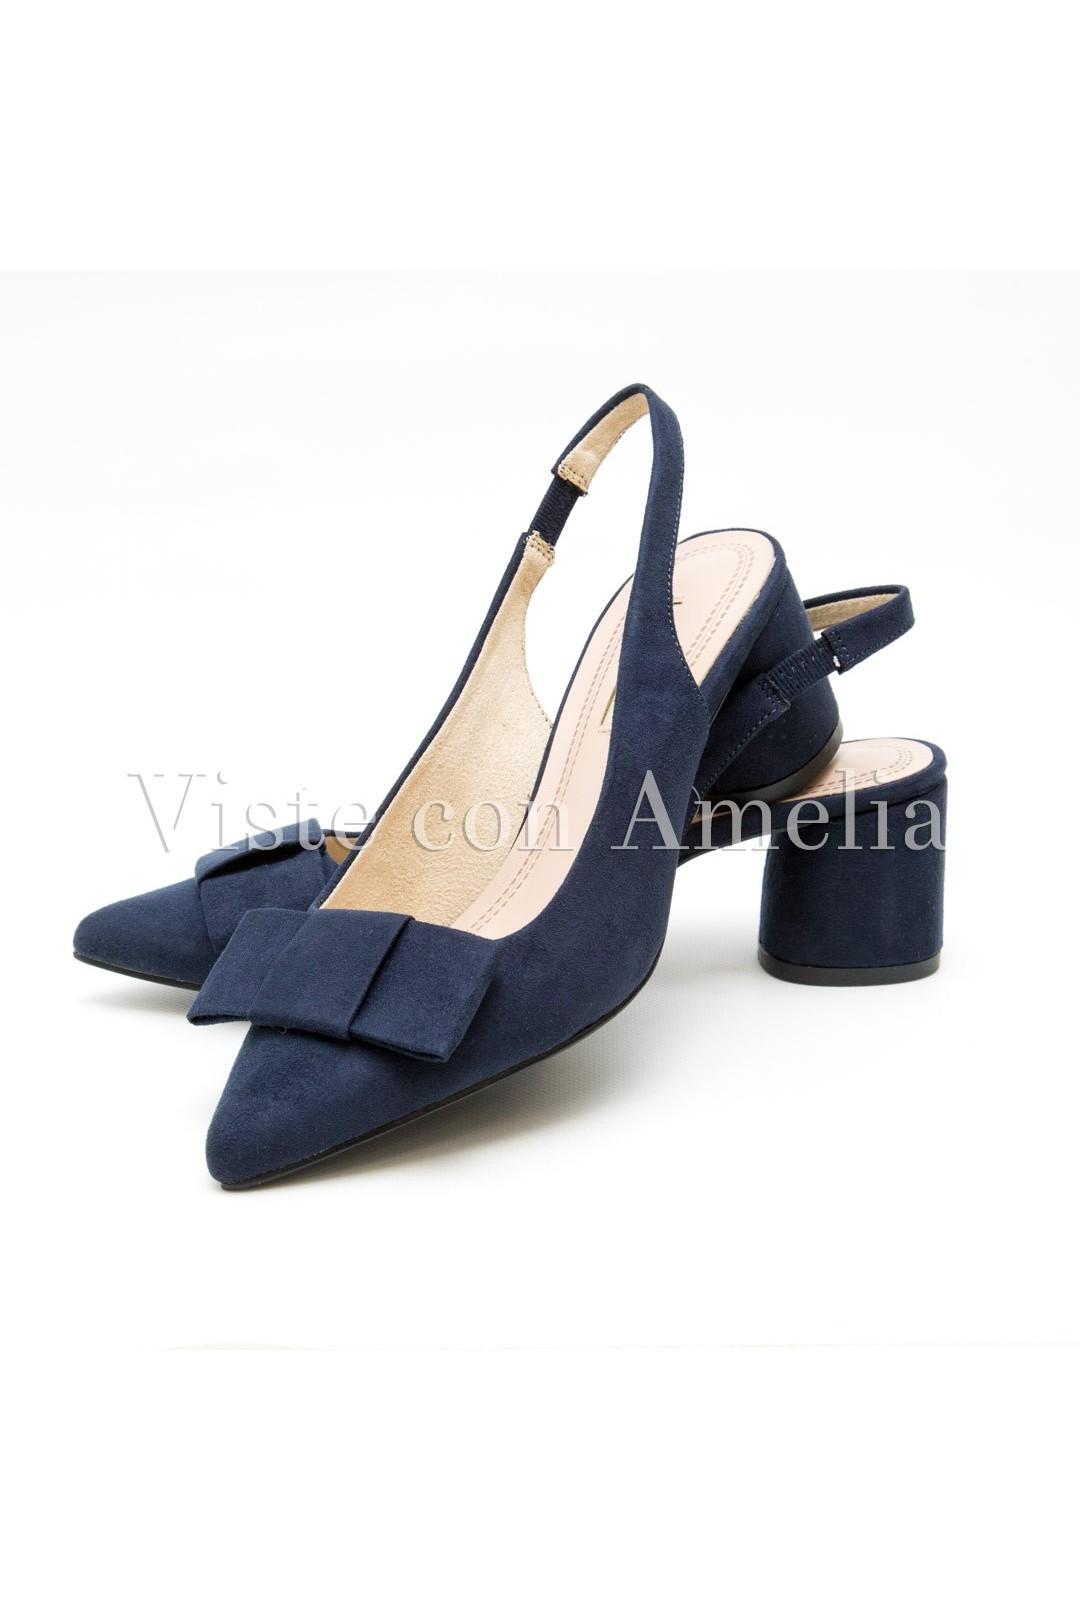 lo último 7abb3 9b11a Zapato Azul marino Tacón Sensato